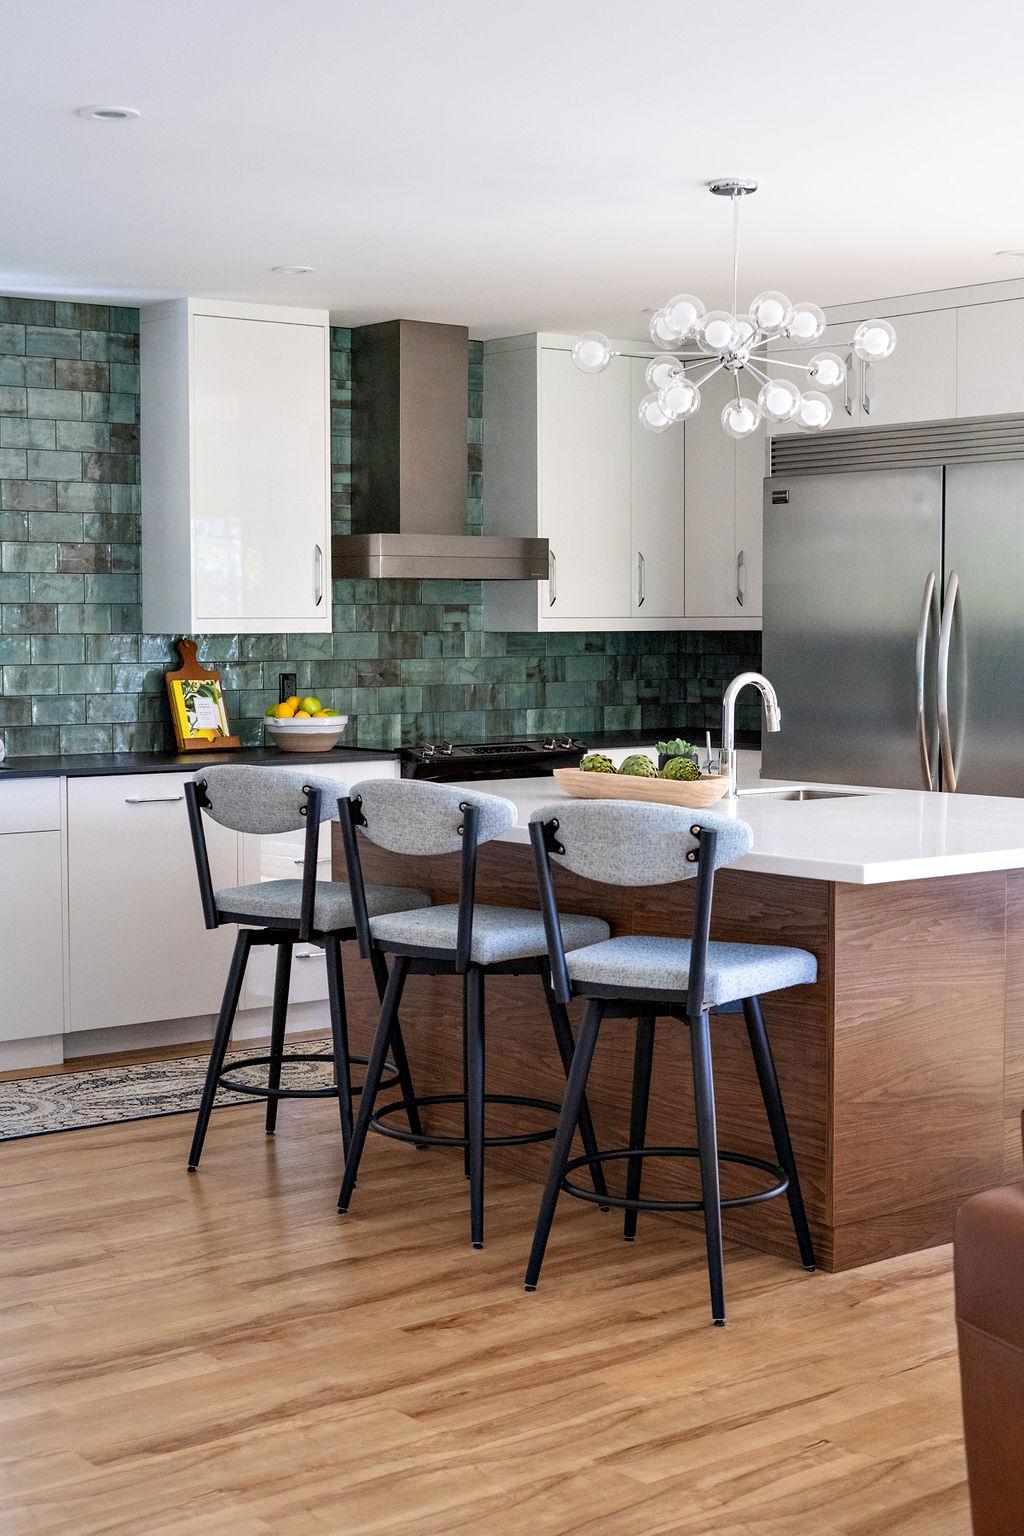 interior-designs-by-adrienne-cranbrook-bc-white-kitchen-subway-backsplash-modern